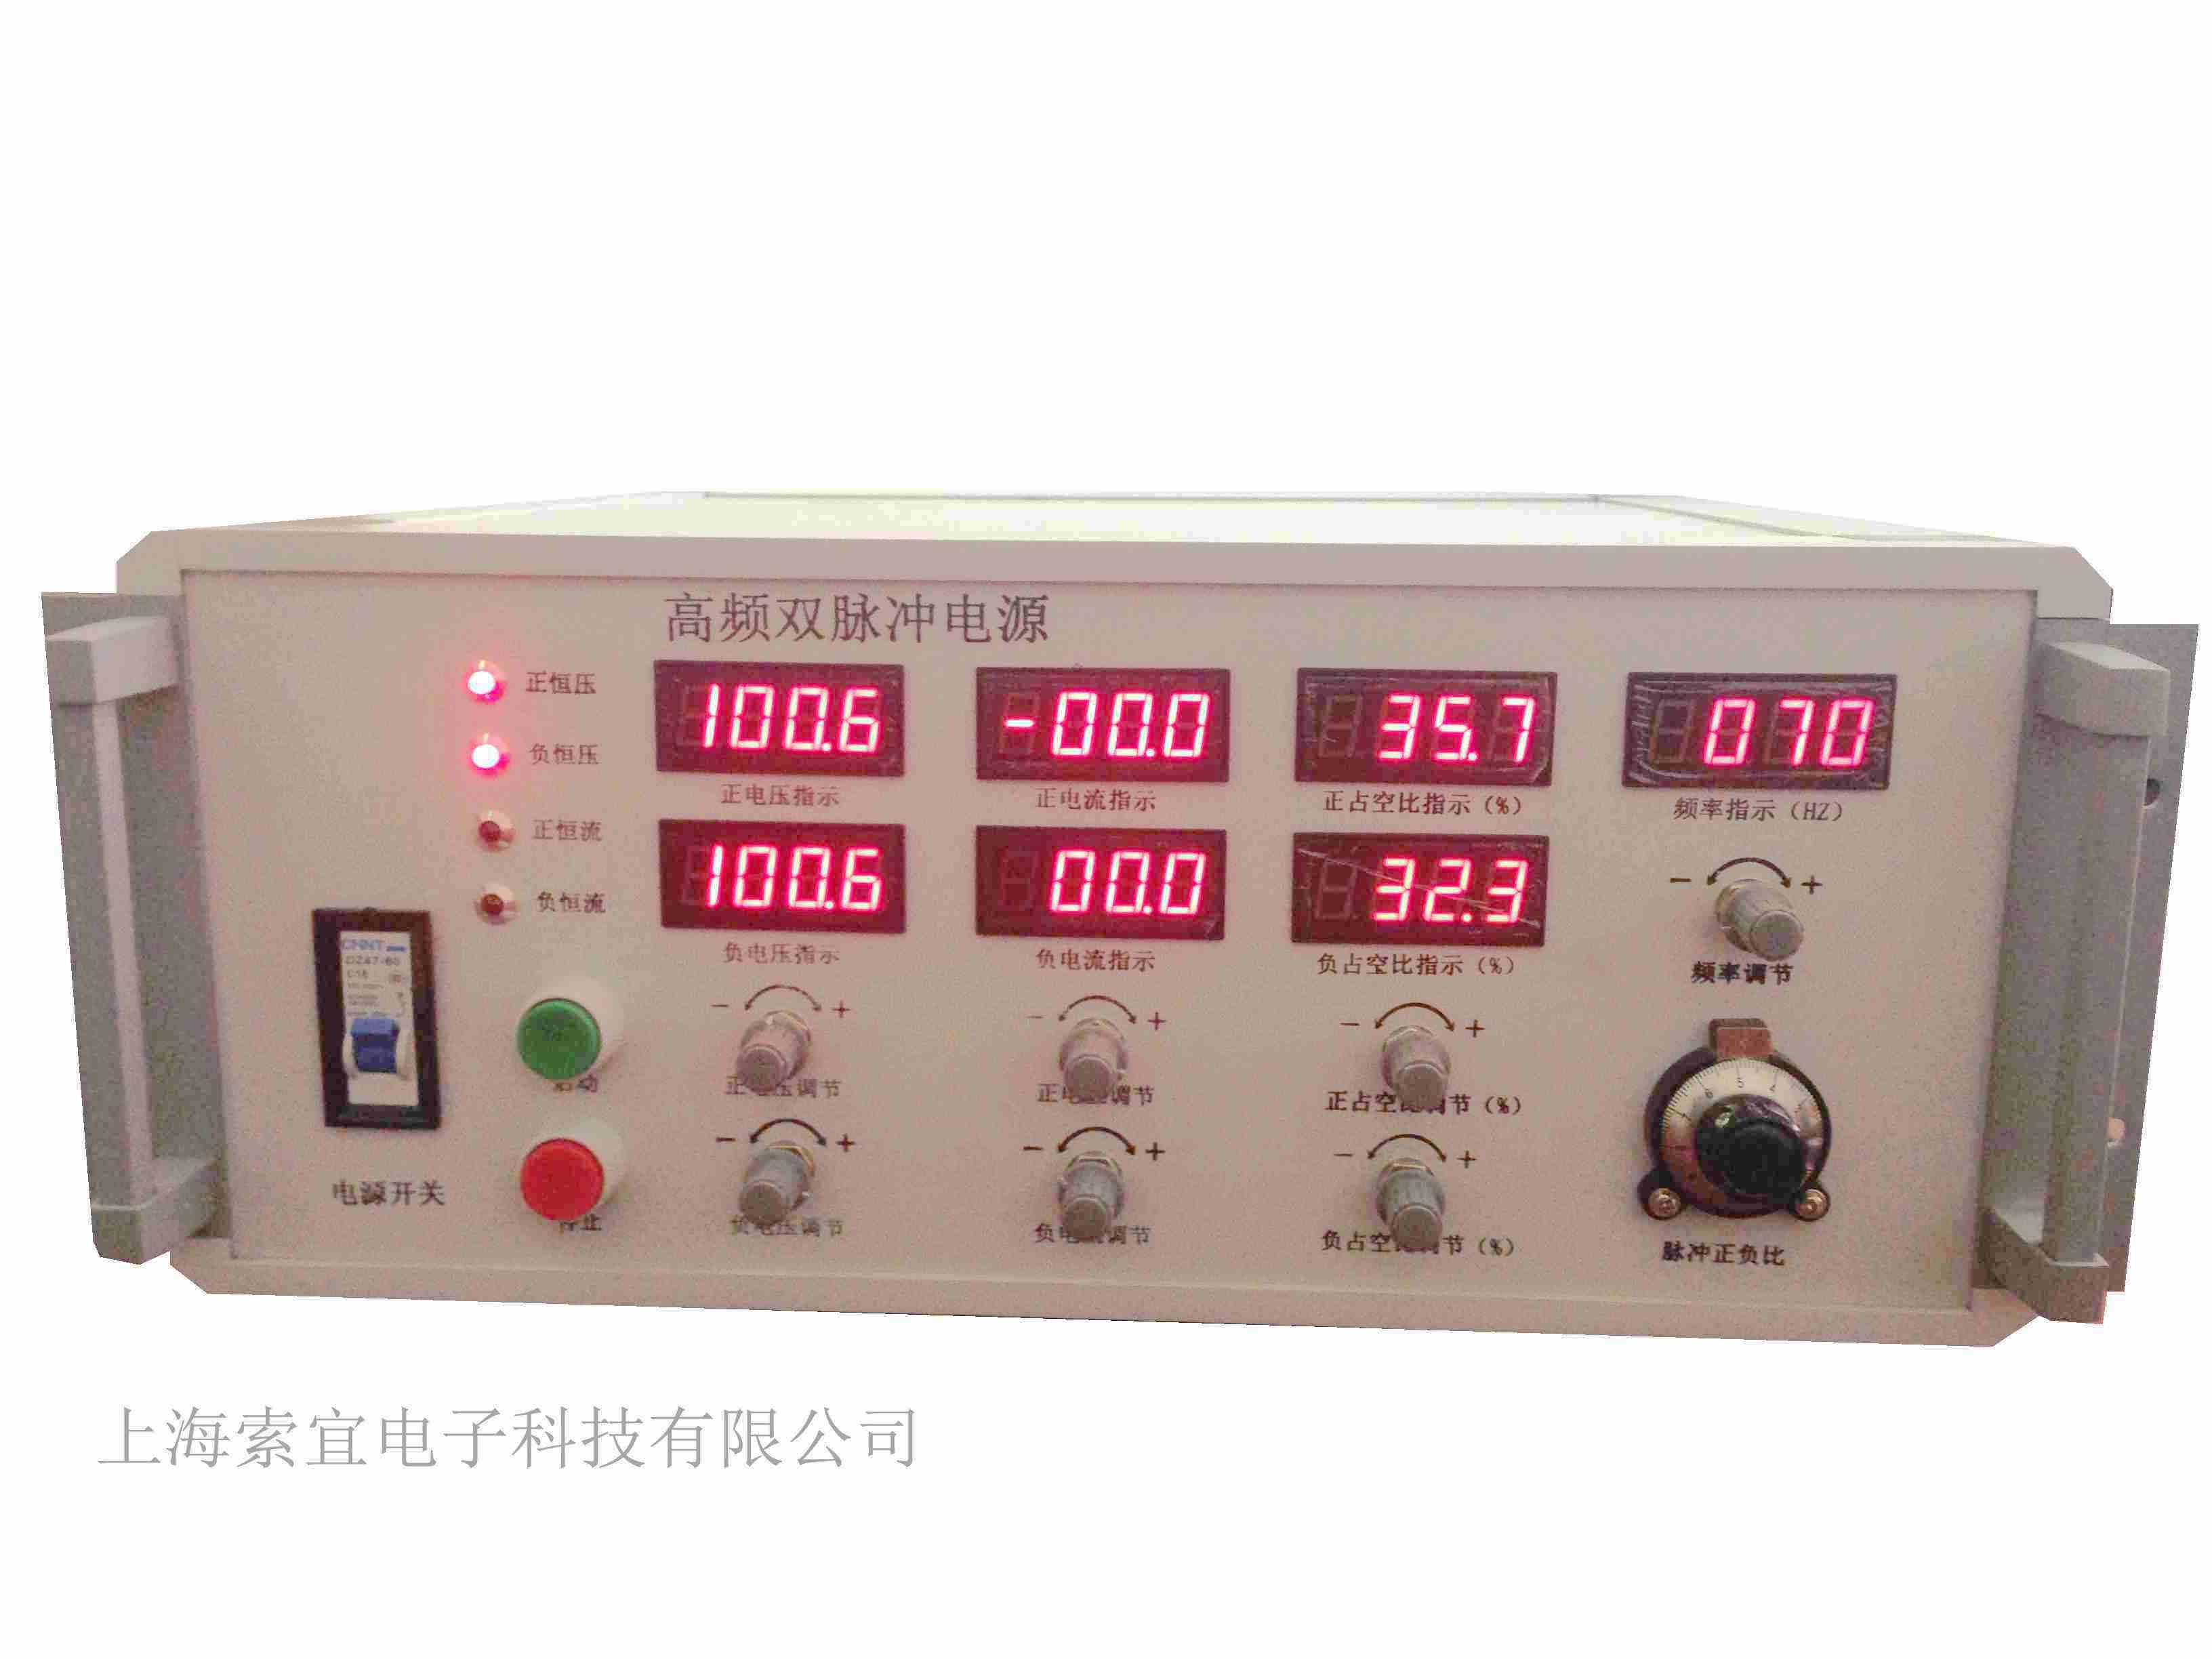 索宜电镀专用系列双脉冲电源